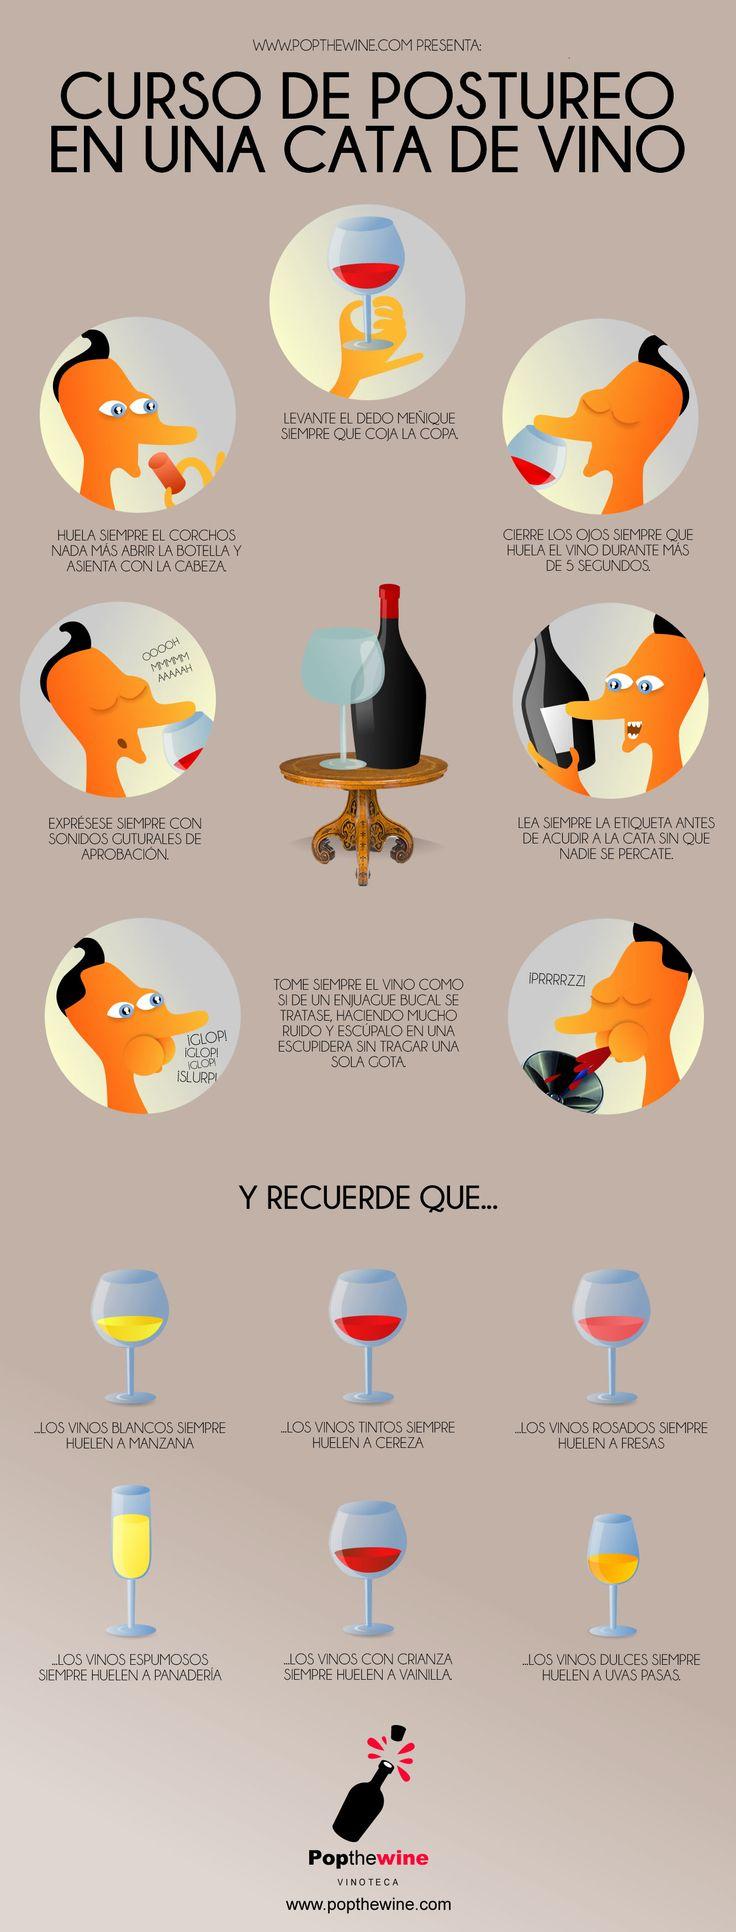 Curso de postureo en una cata de #vino: https://popthewine.wordpress.com/2016/01/19/curso-de-postureo-en-una-cata-de-vino/